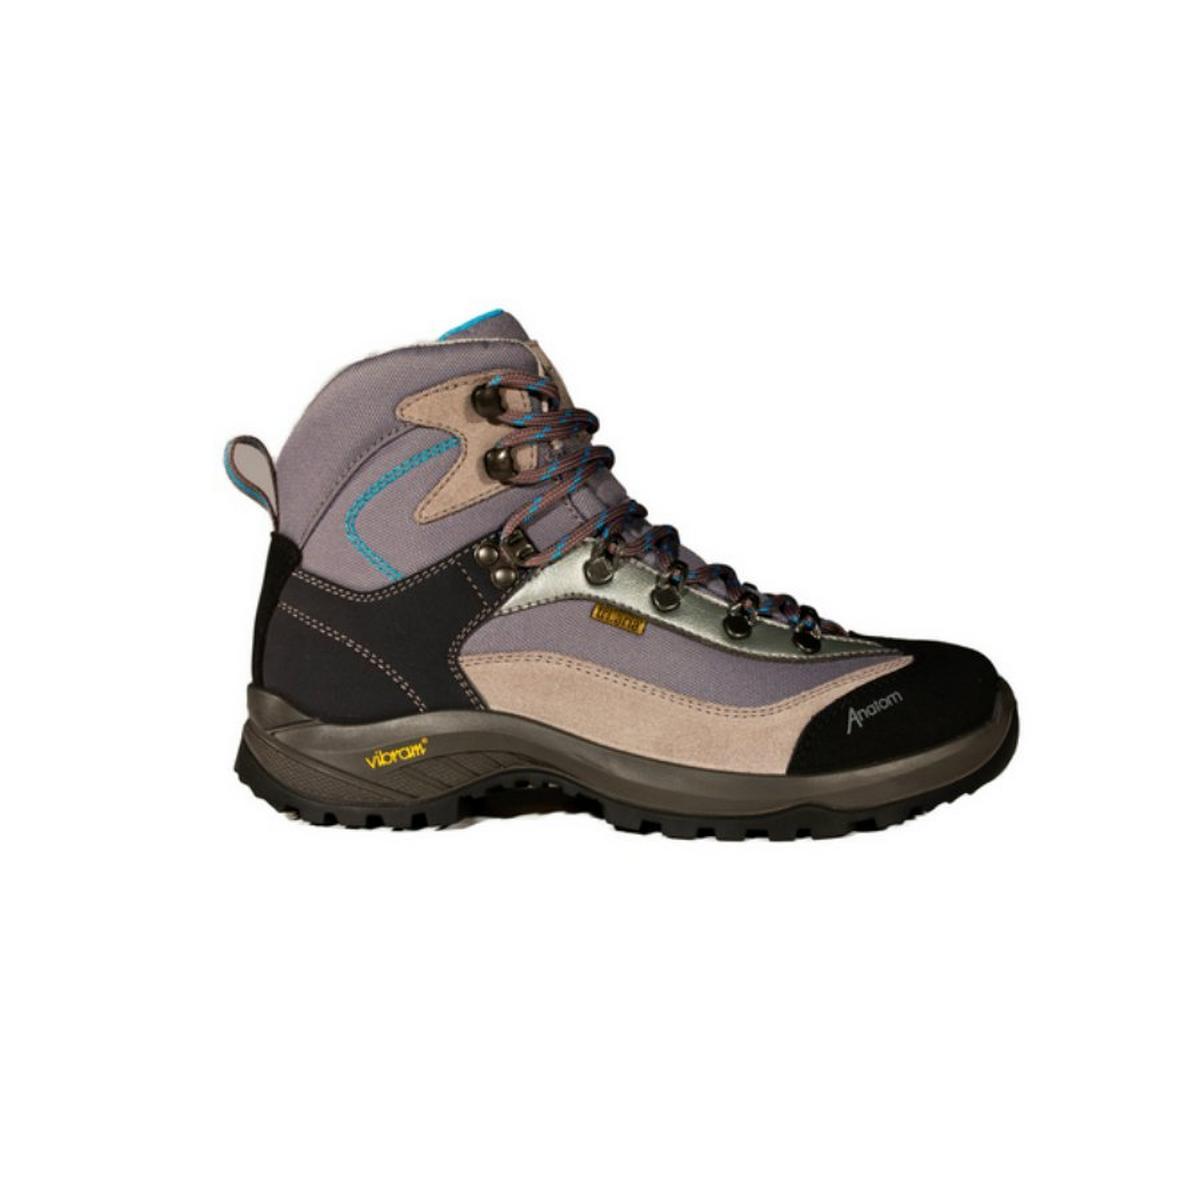 Anatom Women's V2 Suilven Walking Boots